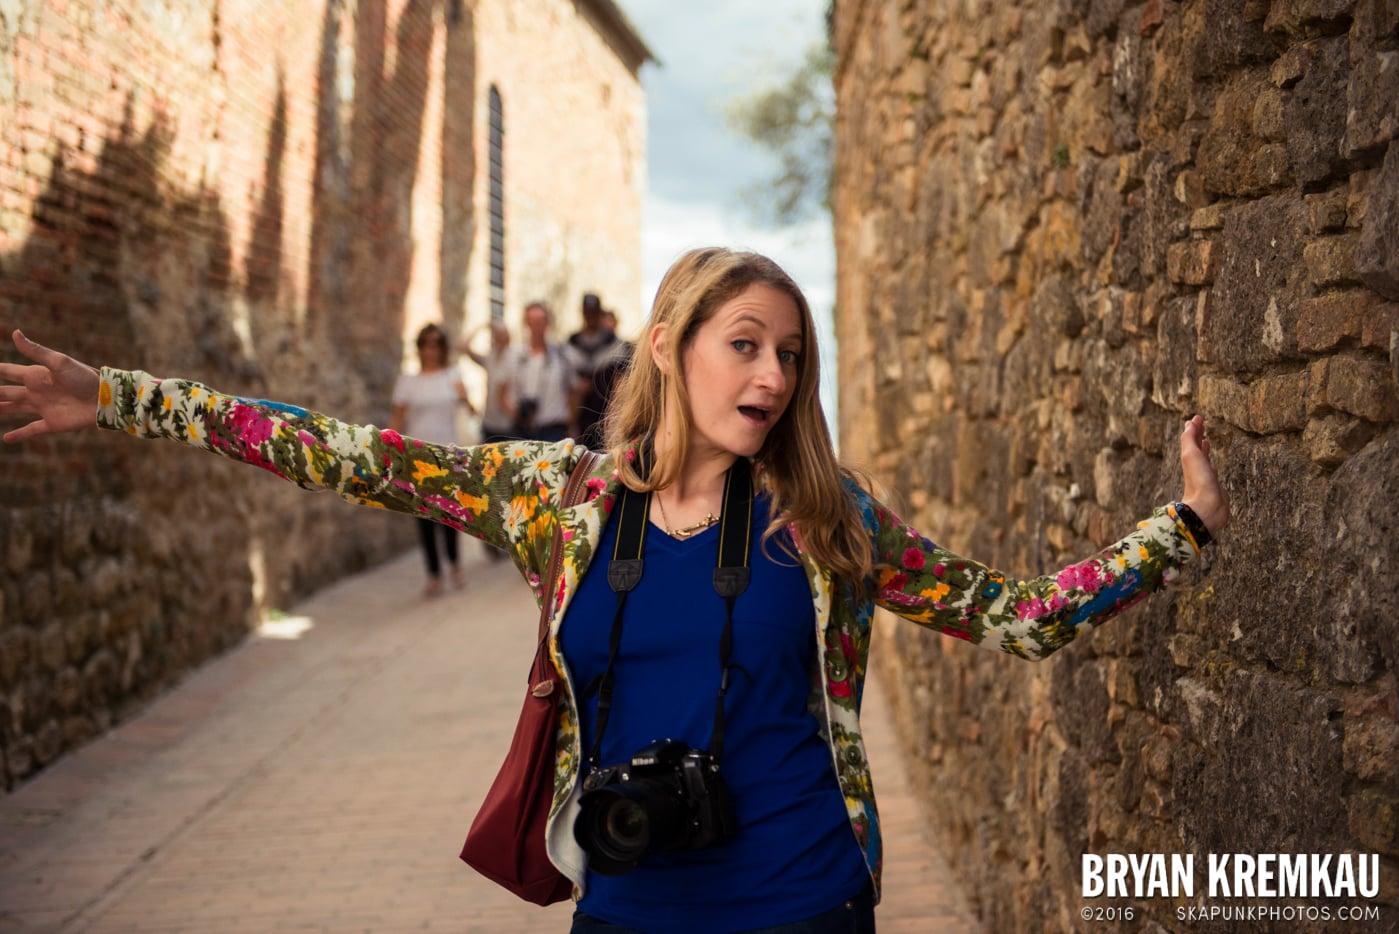 Italy Vacation - Day 8: Siena, San Gimignano, Chianti, Pisa - 9.16.13 (63)